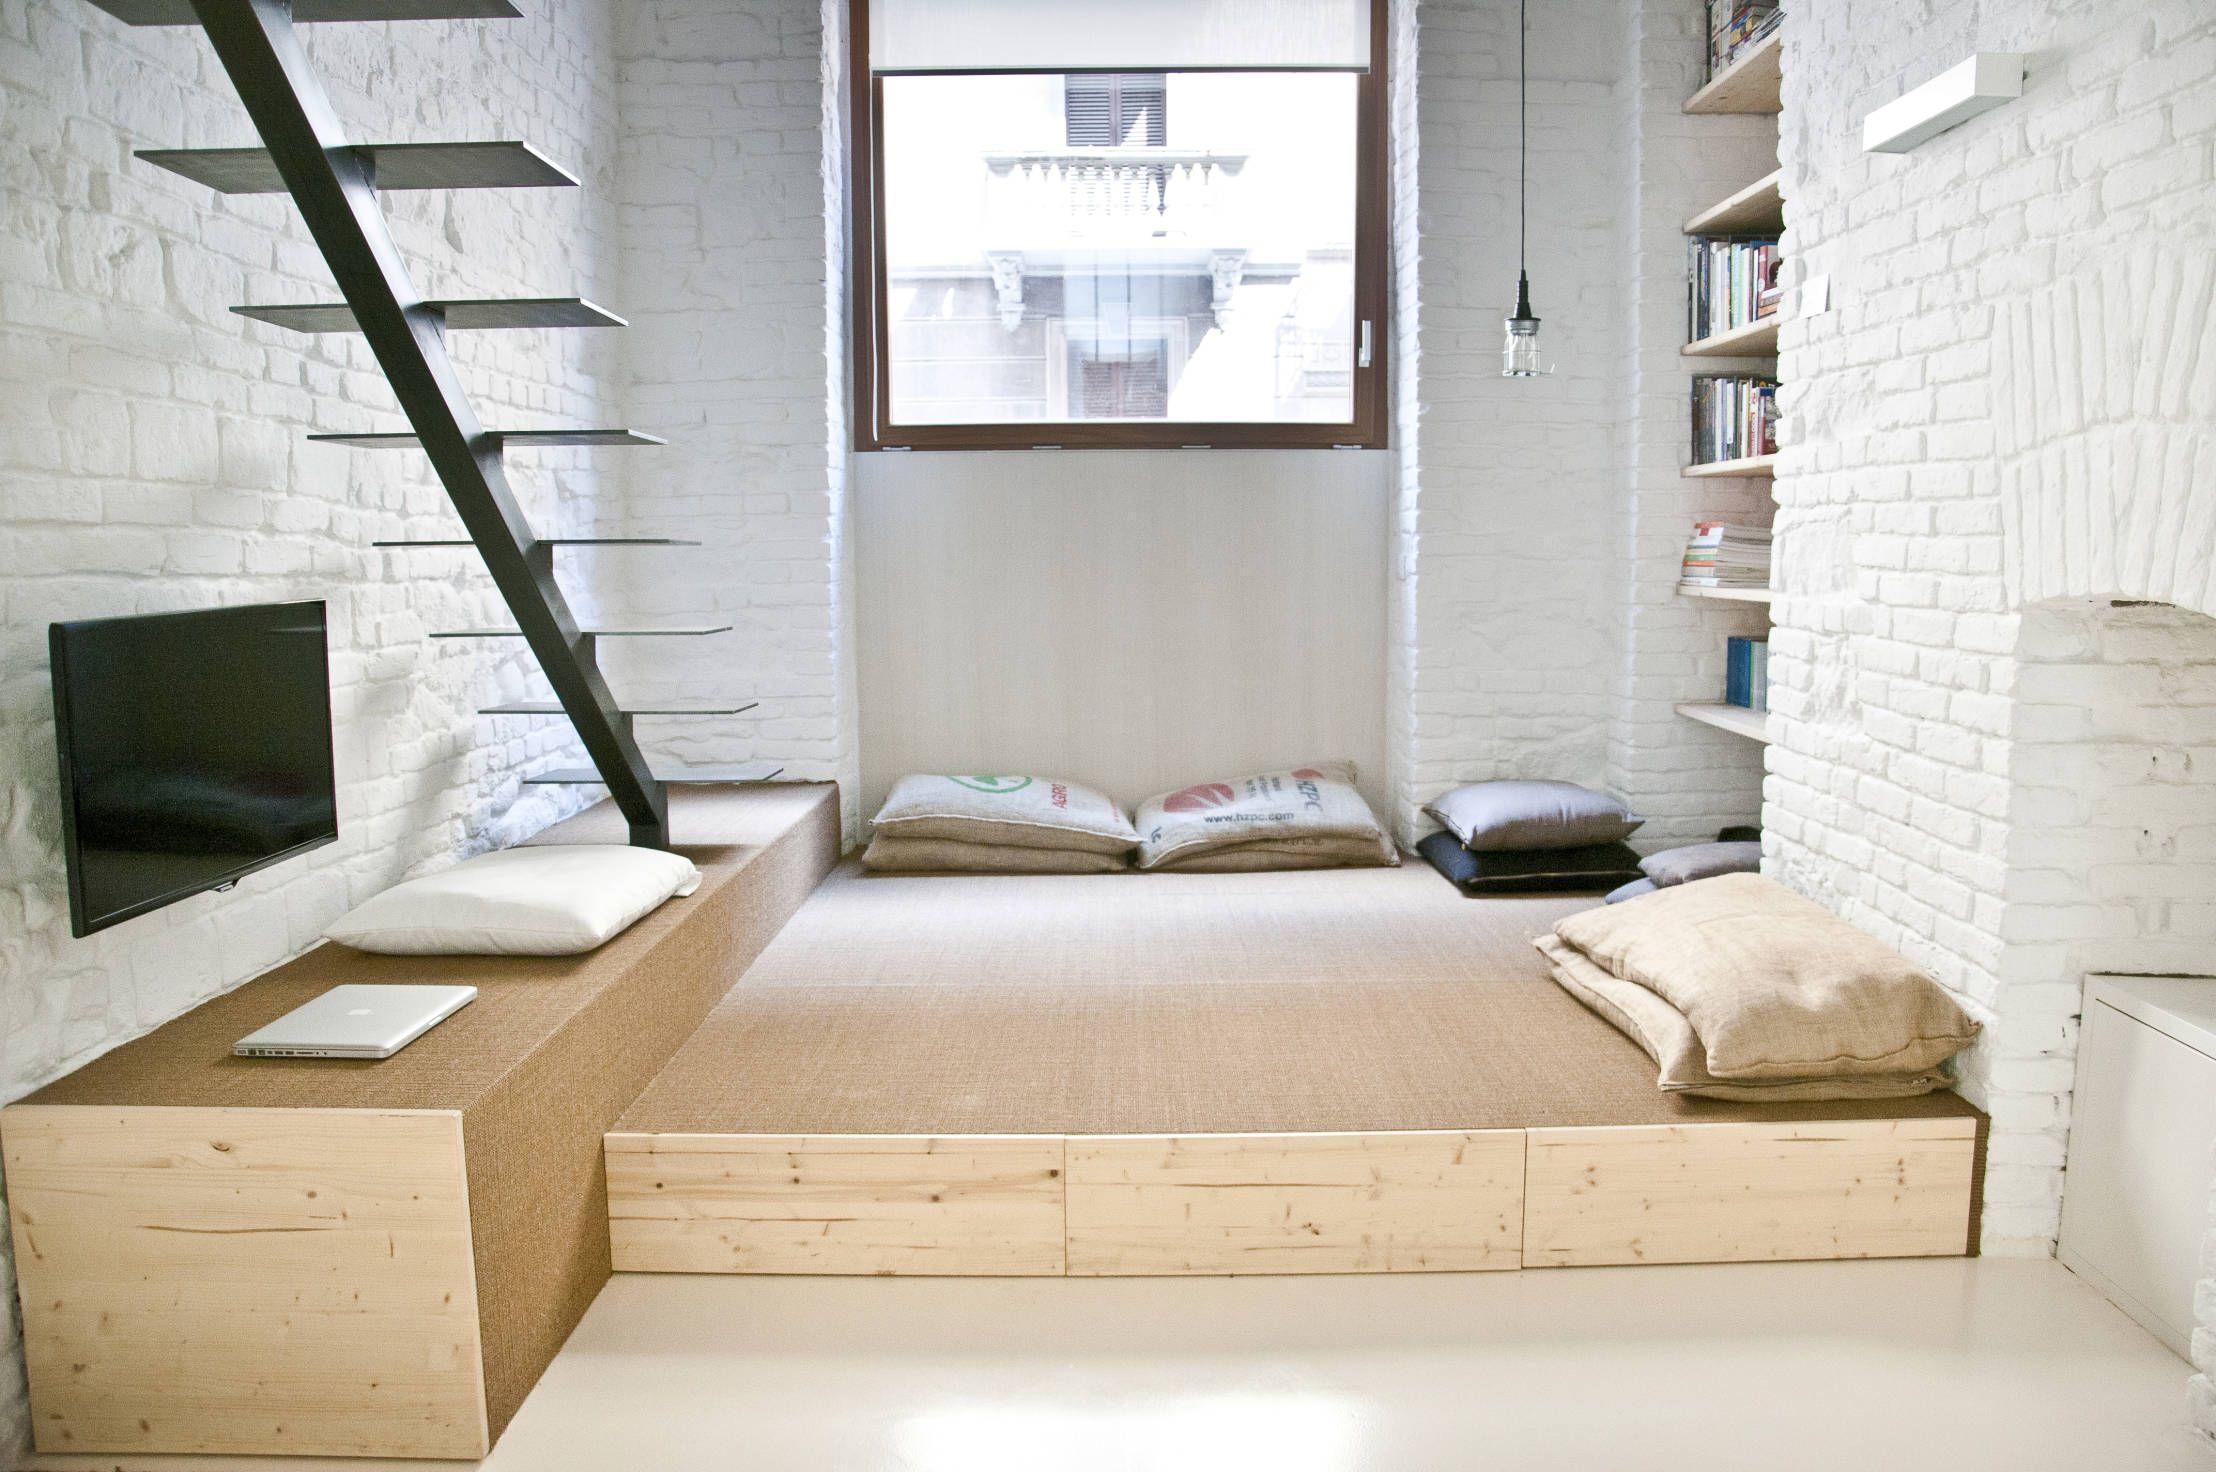 renovierte wohnung kenzo olga akulova, el mejor diseño de interiores para casas modernas   interior design, Design ideen